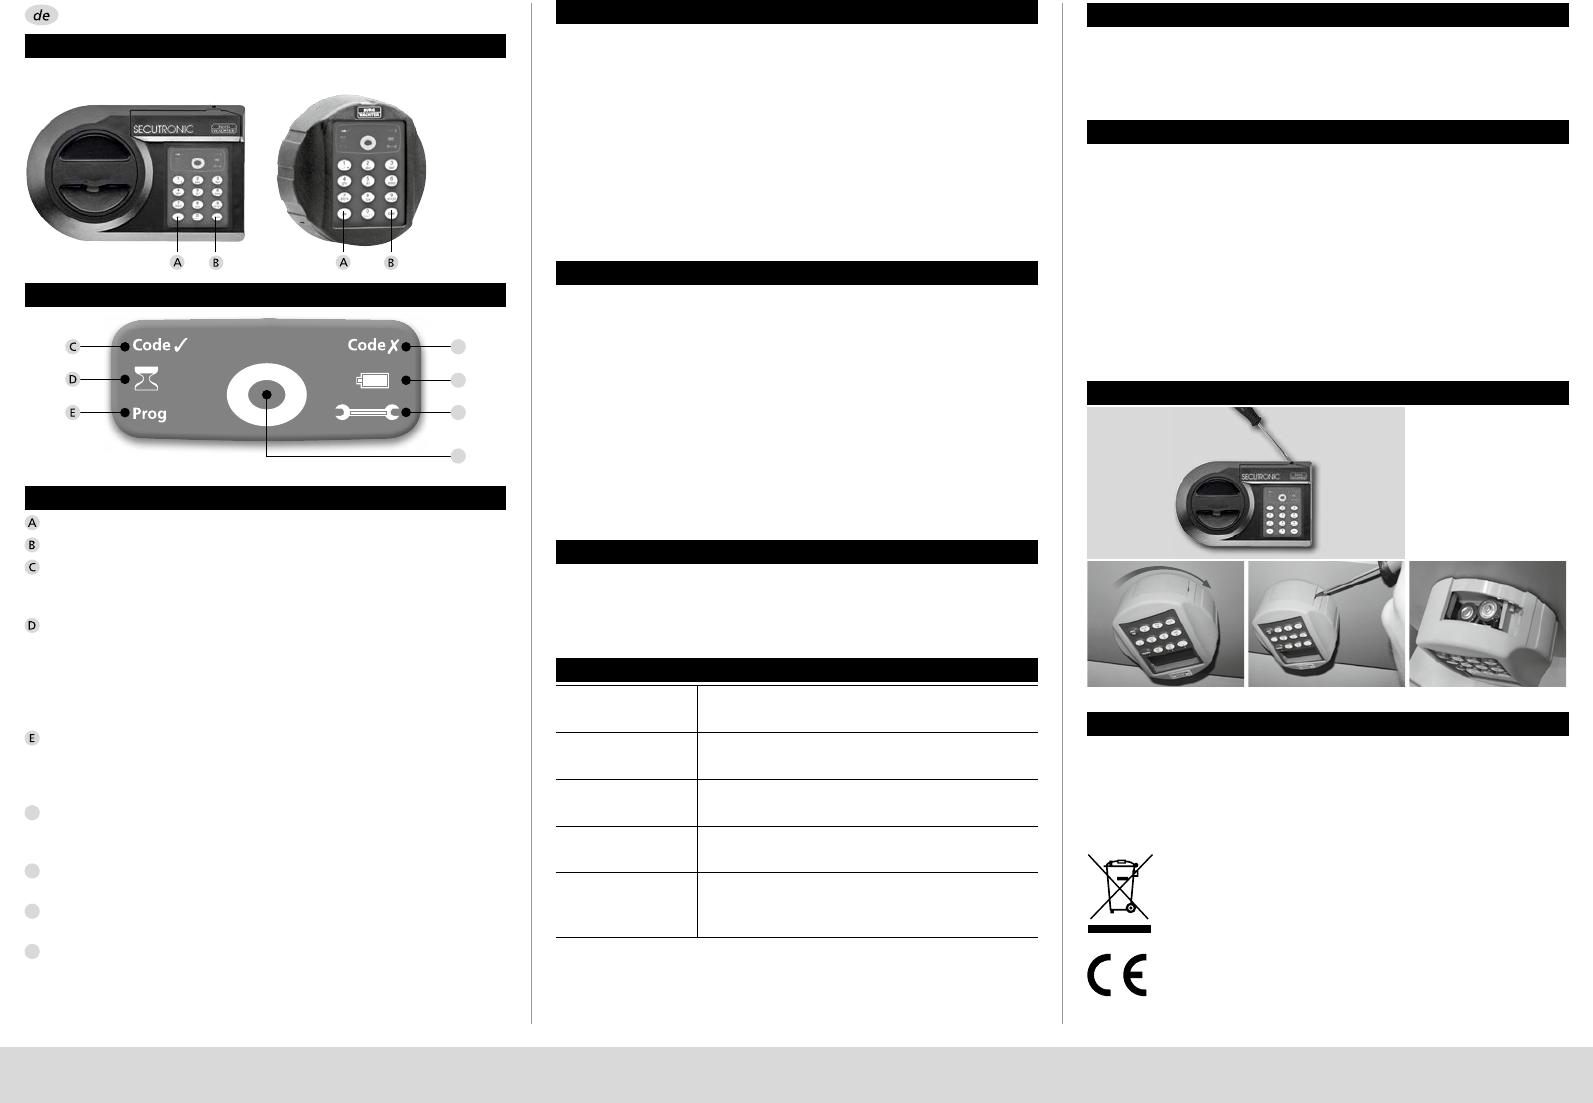 bedienungsanleitung burg wachter secutronic seite 2 von 5 deutsch englisch franz sisch. Black Bedroom Furniture Sets. Home Design Ideas